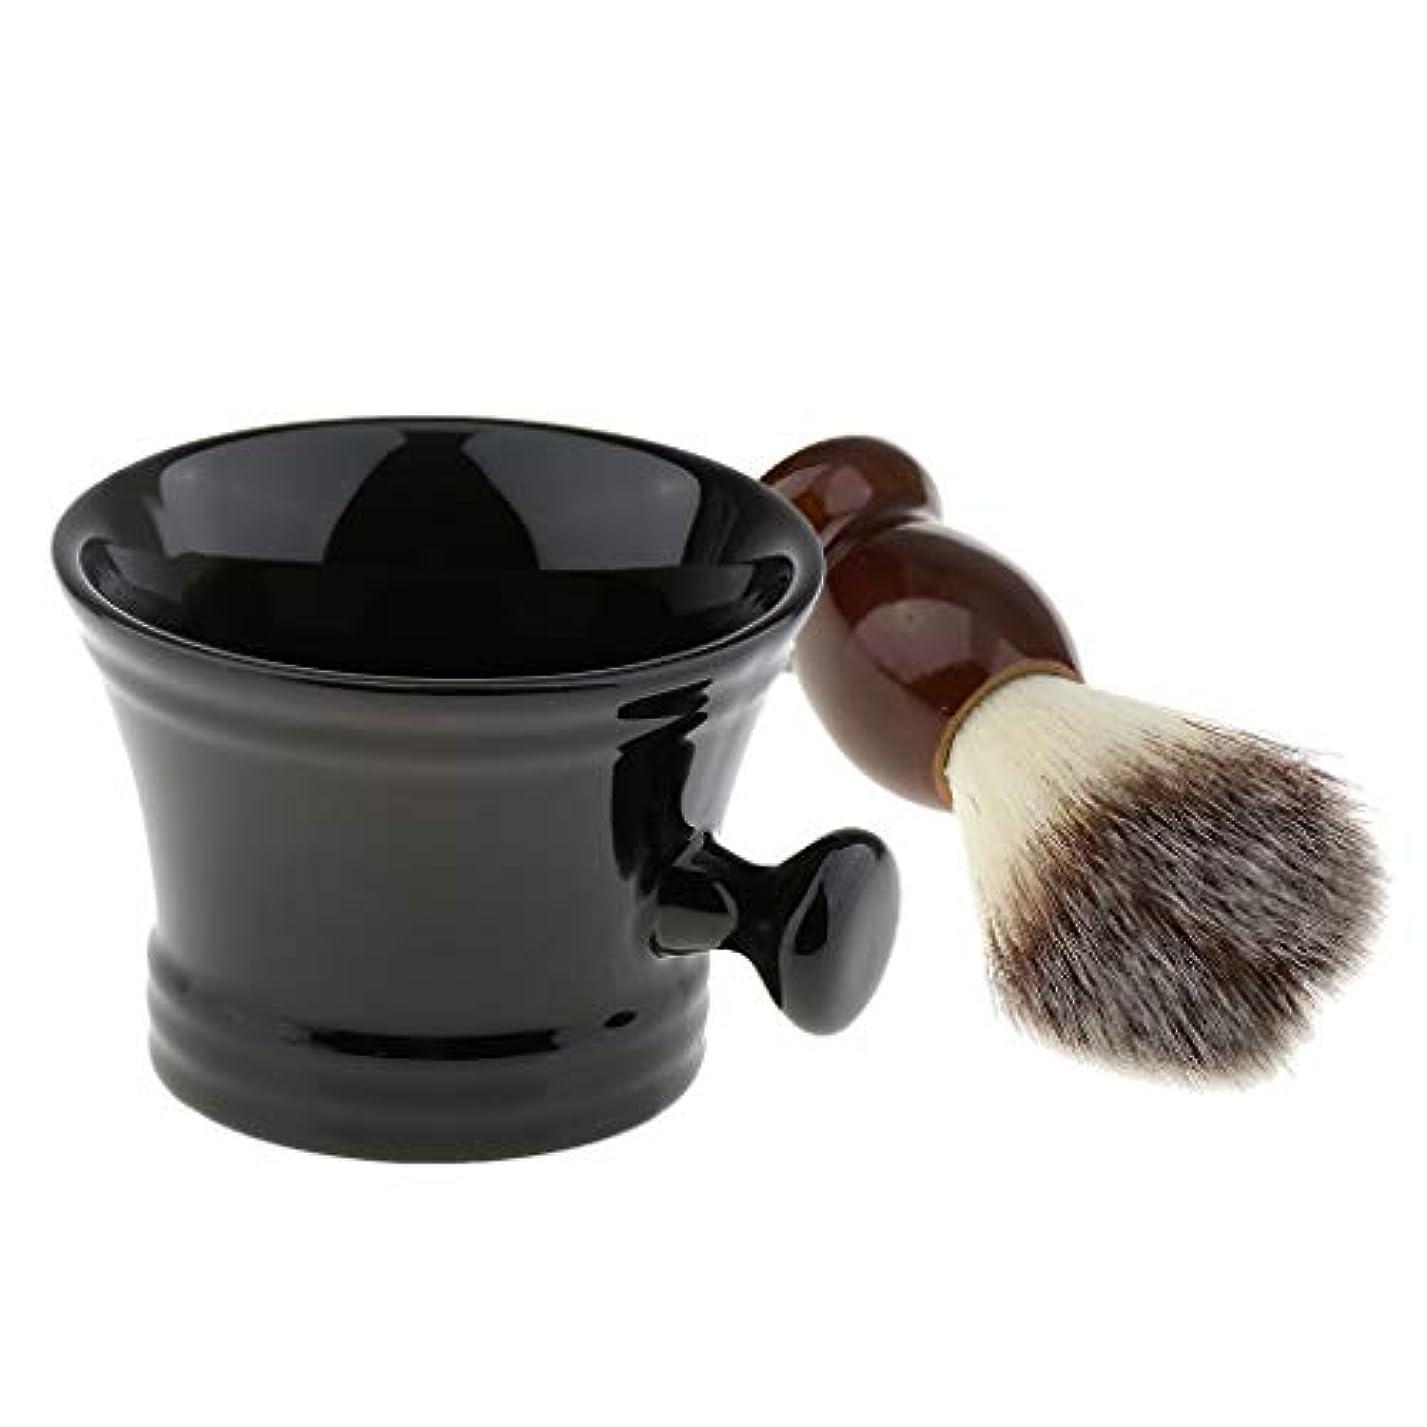 レンド紳士スケルトンdailymall プラスチックシェービングブラシ+セラミックマグカップボウルキット男性用